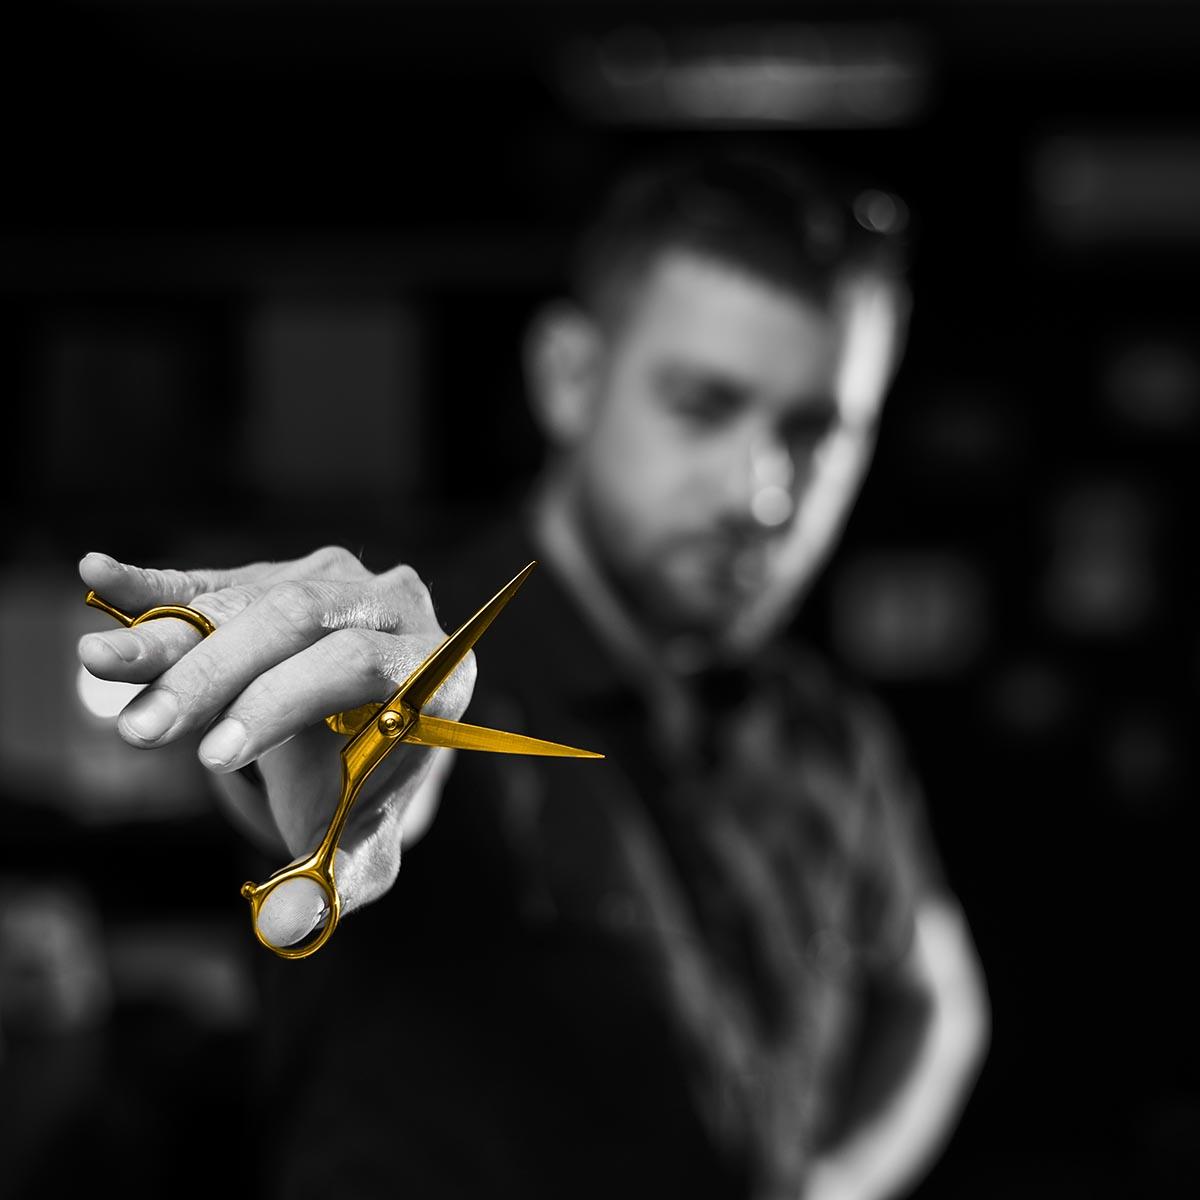 Erkek Kuaför Elinde Altın Makas